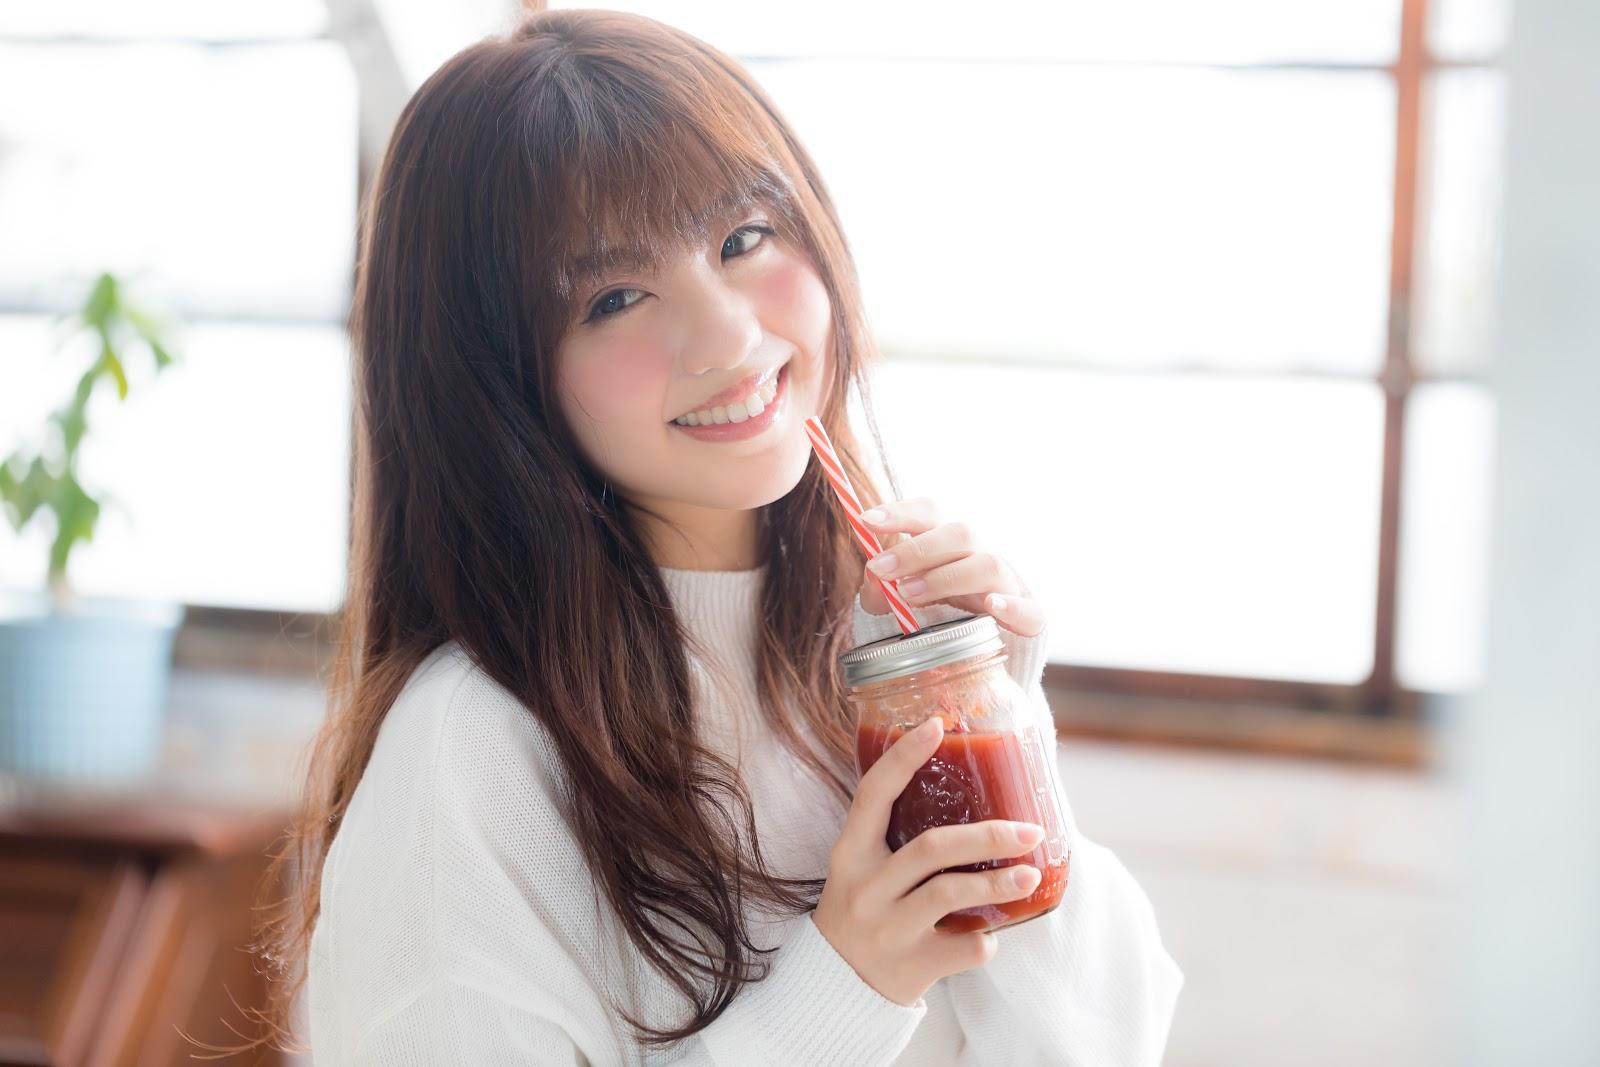 河村友歌がモデルの写真:レッドスムージーを飲む女性